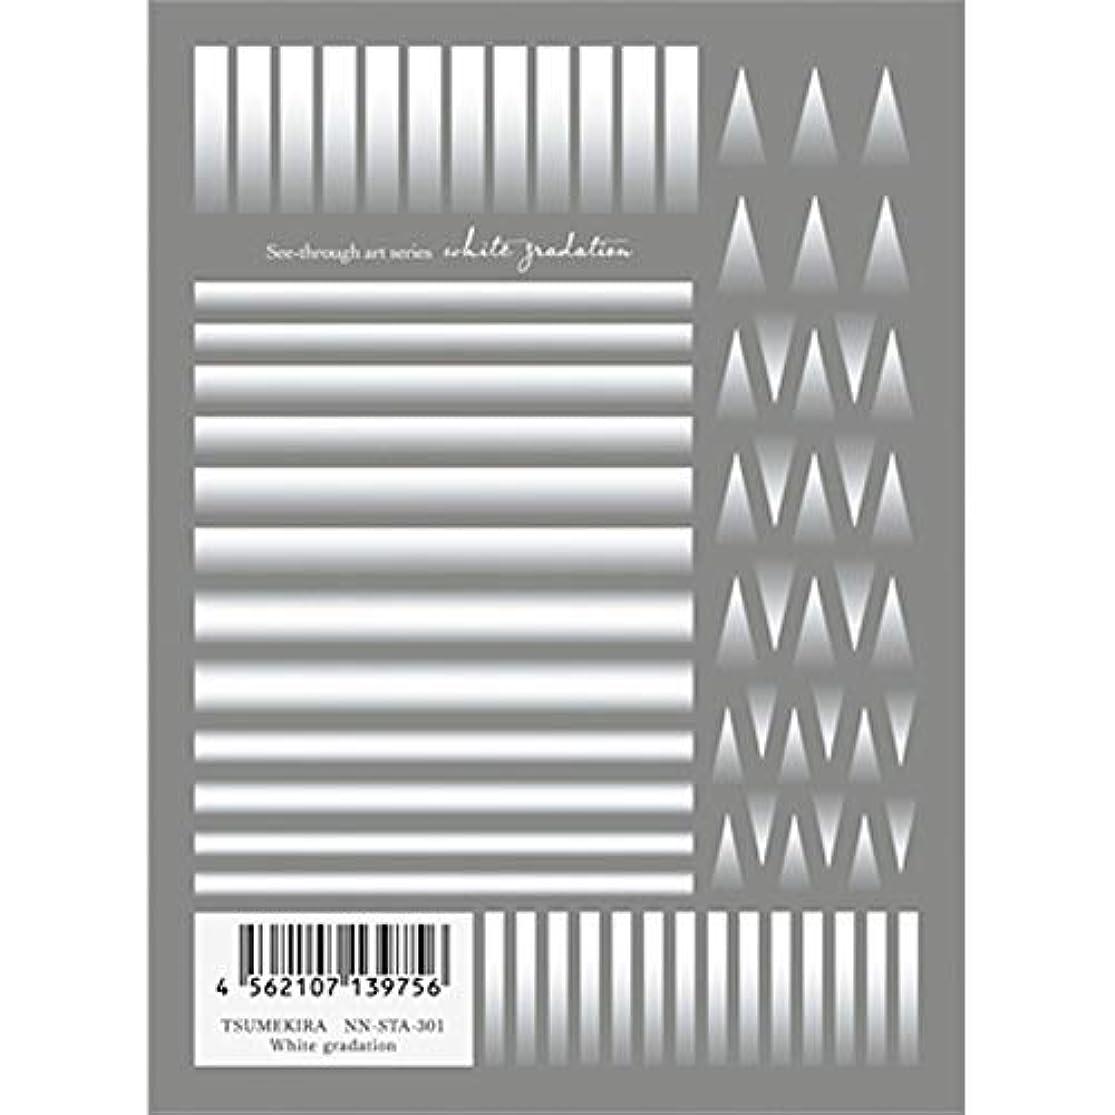 チャップアイドルペストリーツメキラ(TSUMEKIRA) ネイル用シール White gradation NN-STA-301